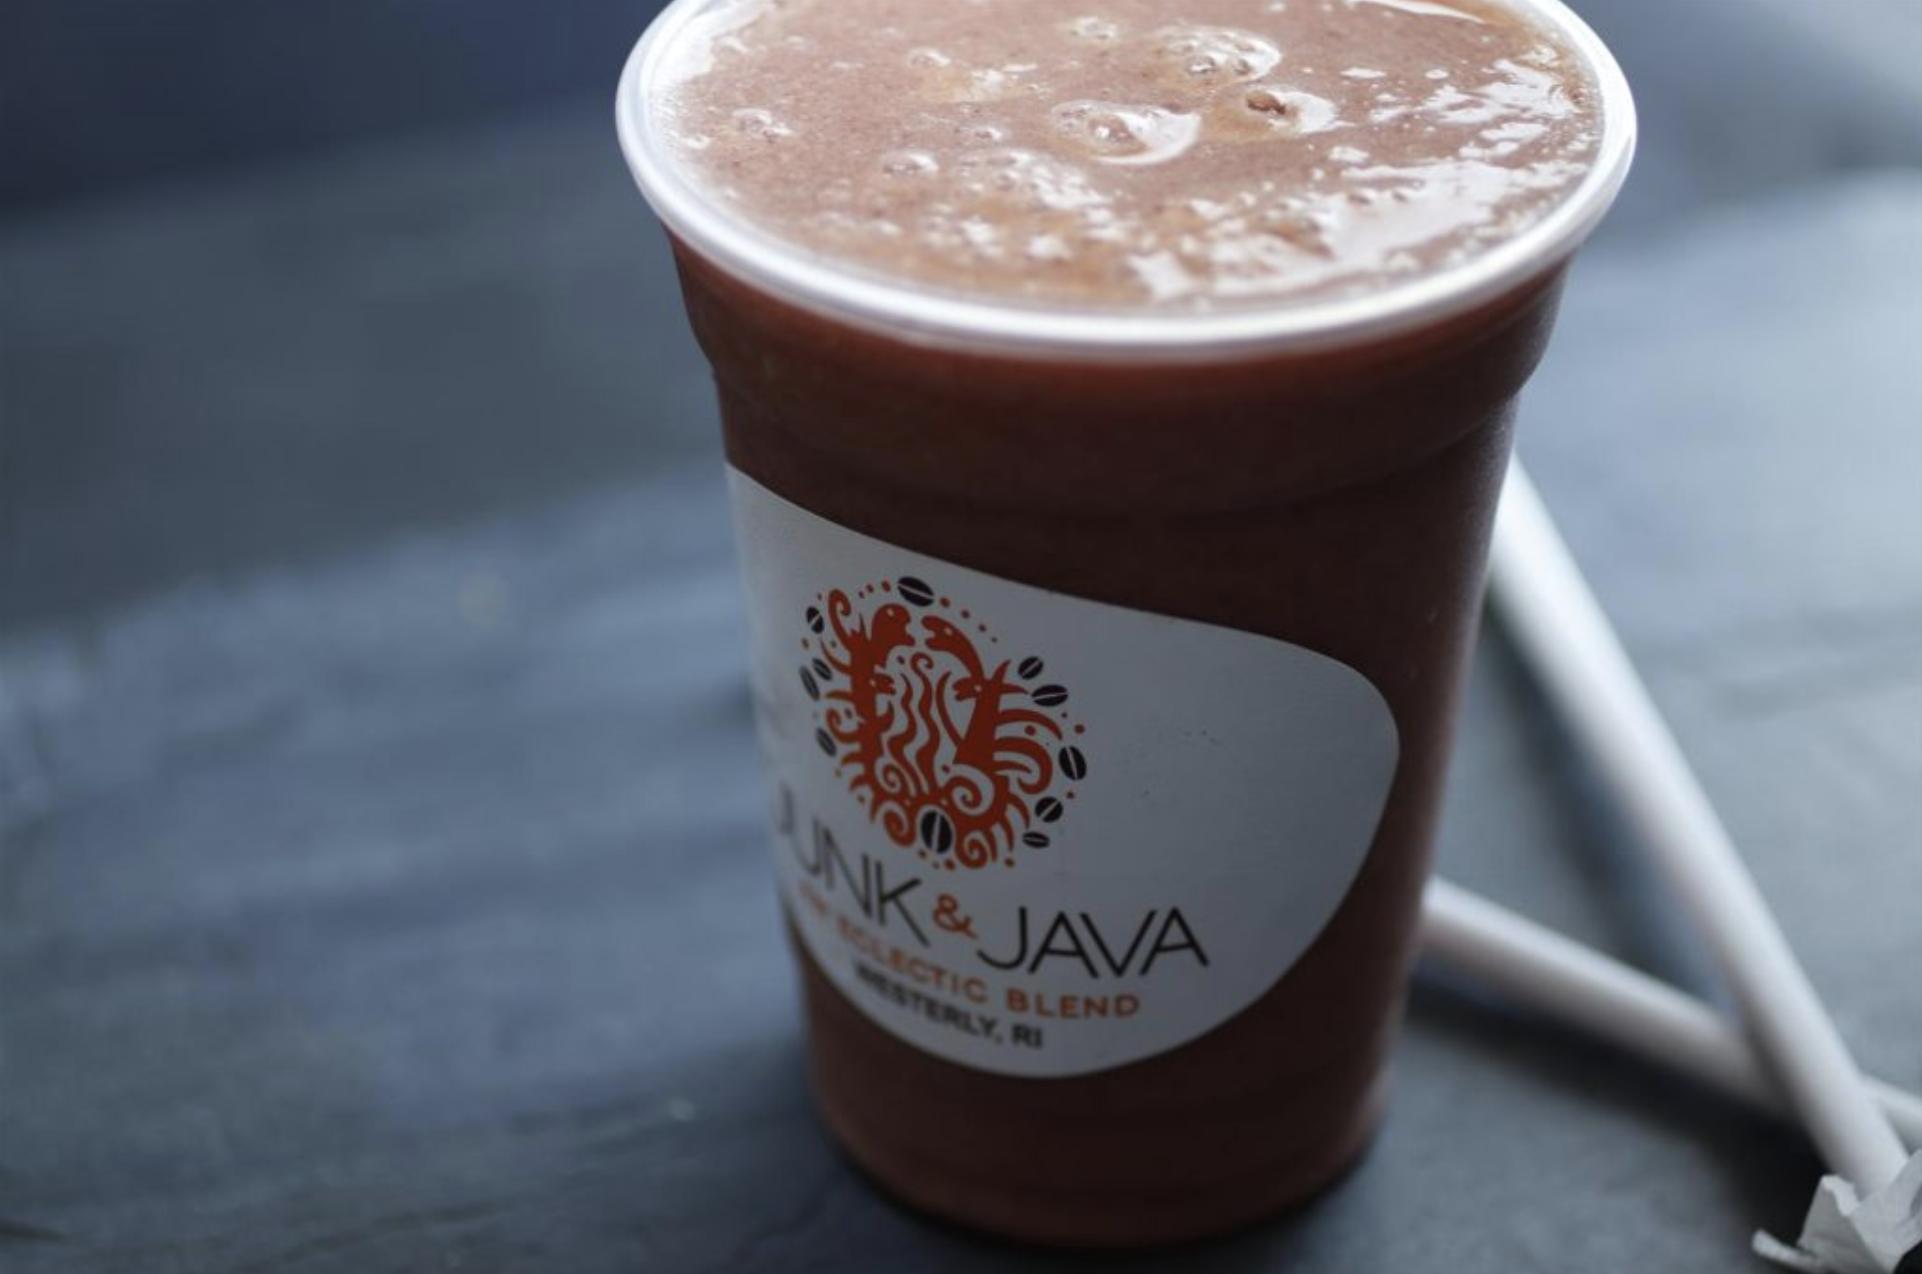 Junk & Java